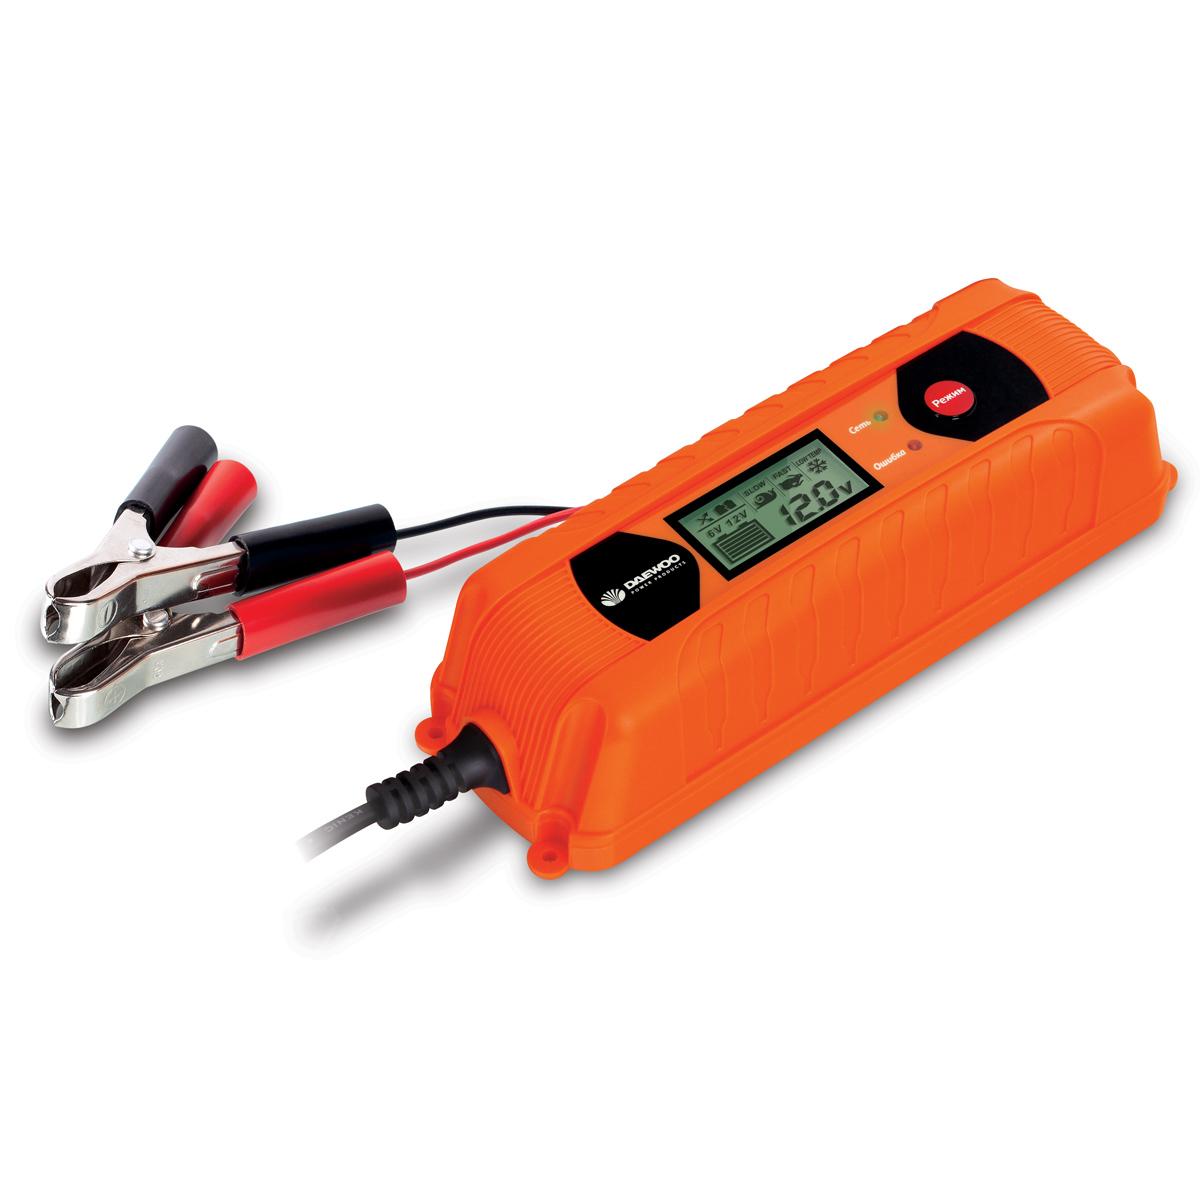 Интеллектуальное зарядное устройство Daewoo 6/12 ВDW400Зарядное устройство DAEWOO. Выходное напряжение: 6/12 В Зарядный ток: 4 А Емкость АКБ: до 160 А/ч Количество ступеней зарядки: 9 Режим имитации АКБ: да Функция восстановления АКБ: да Встроенный тест АКБ: да Влагозащита: IP65 Защита от перегрева: да Режим быстрого пуска: да